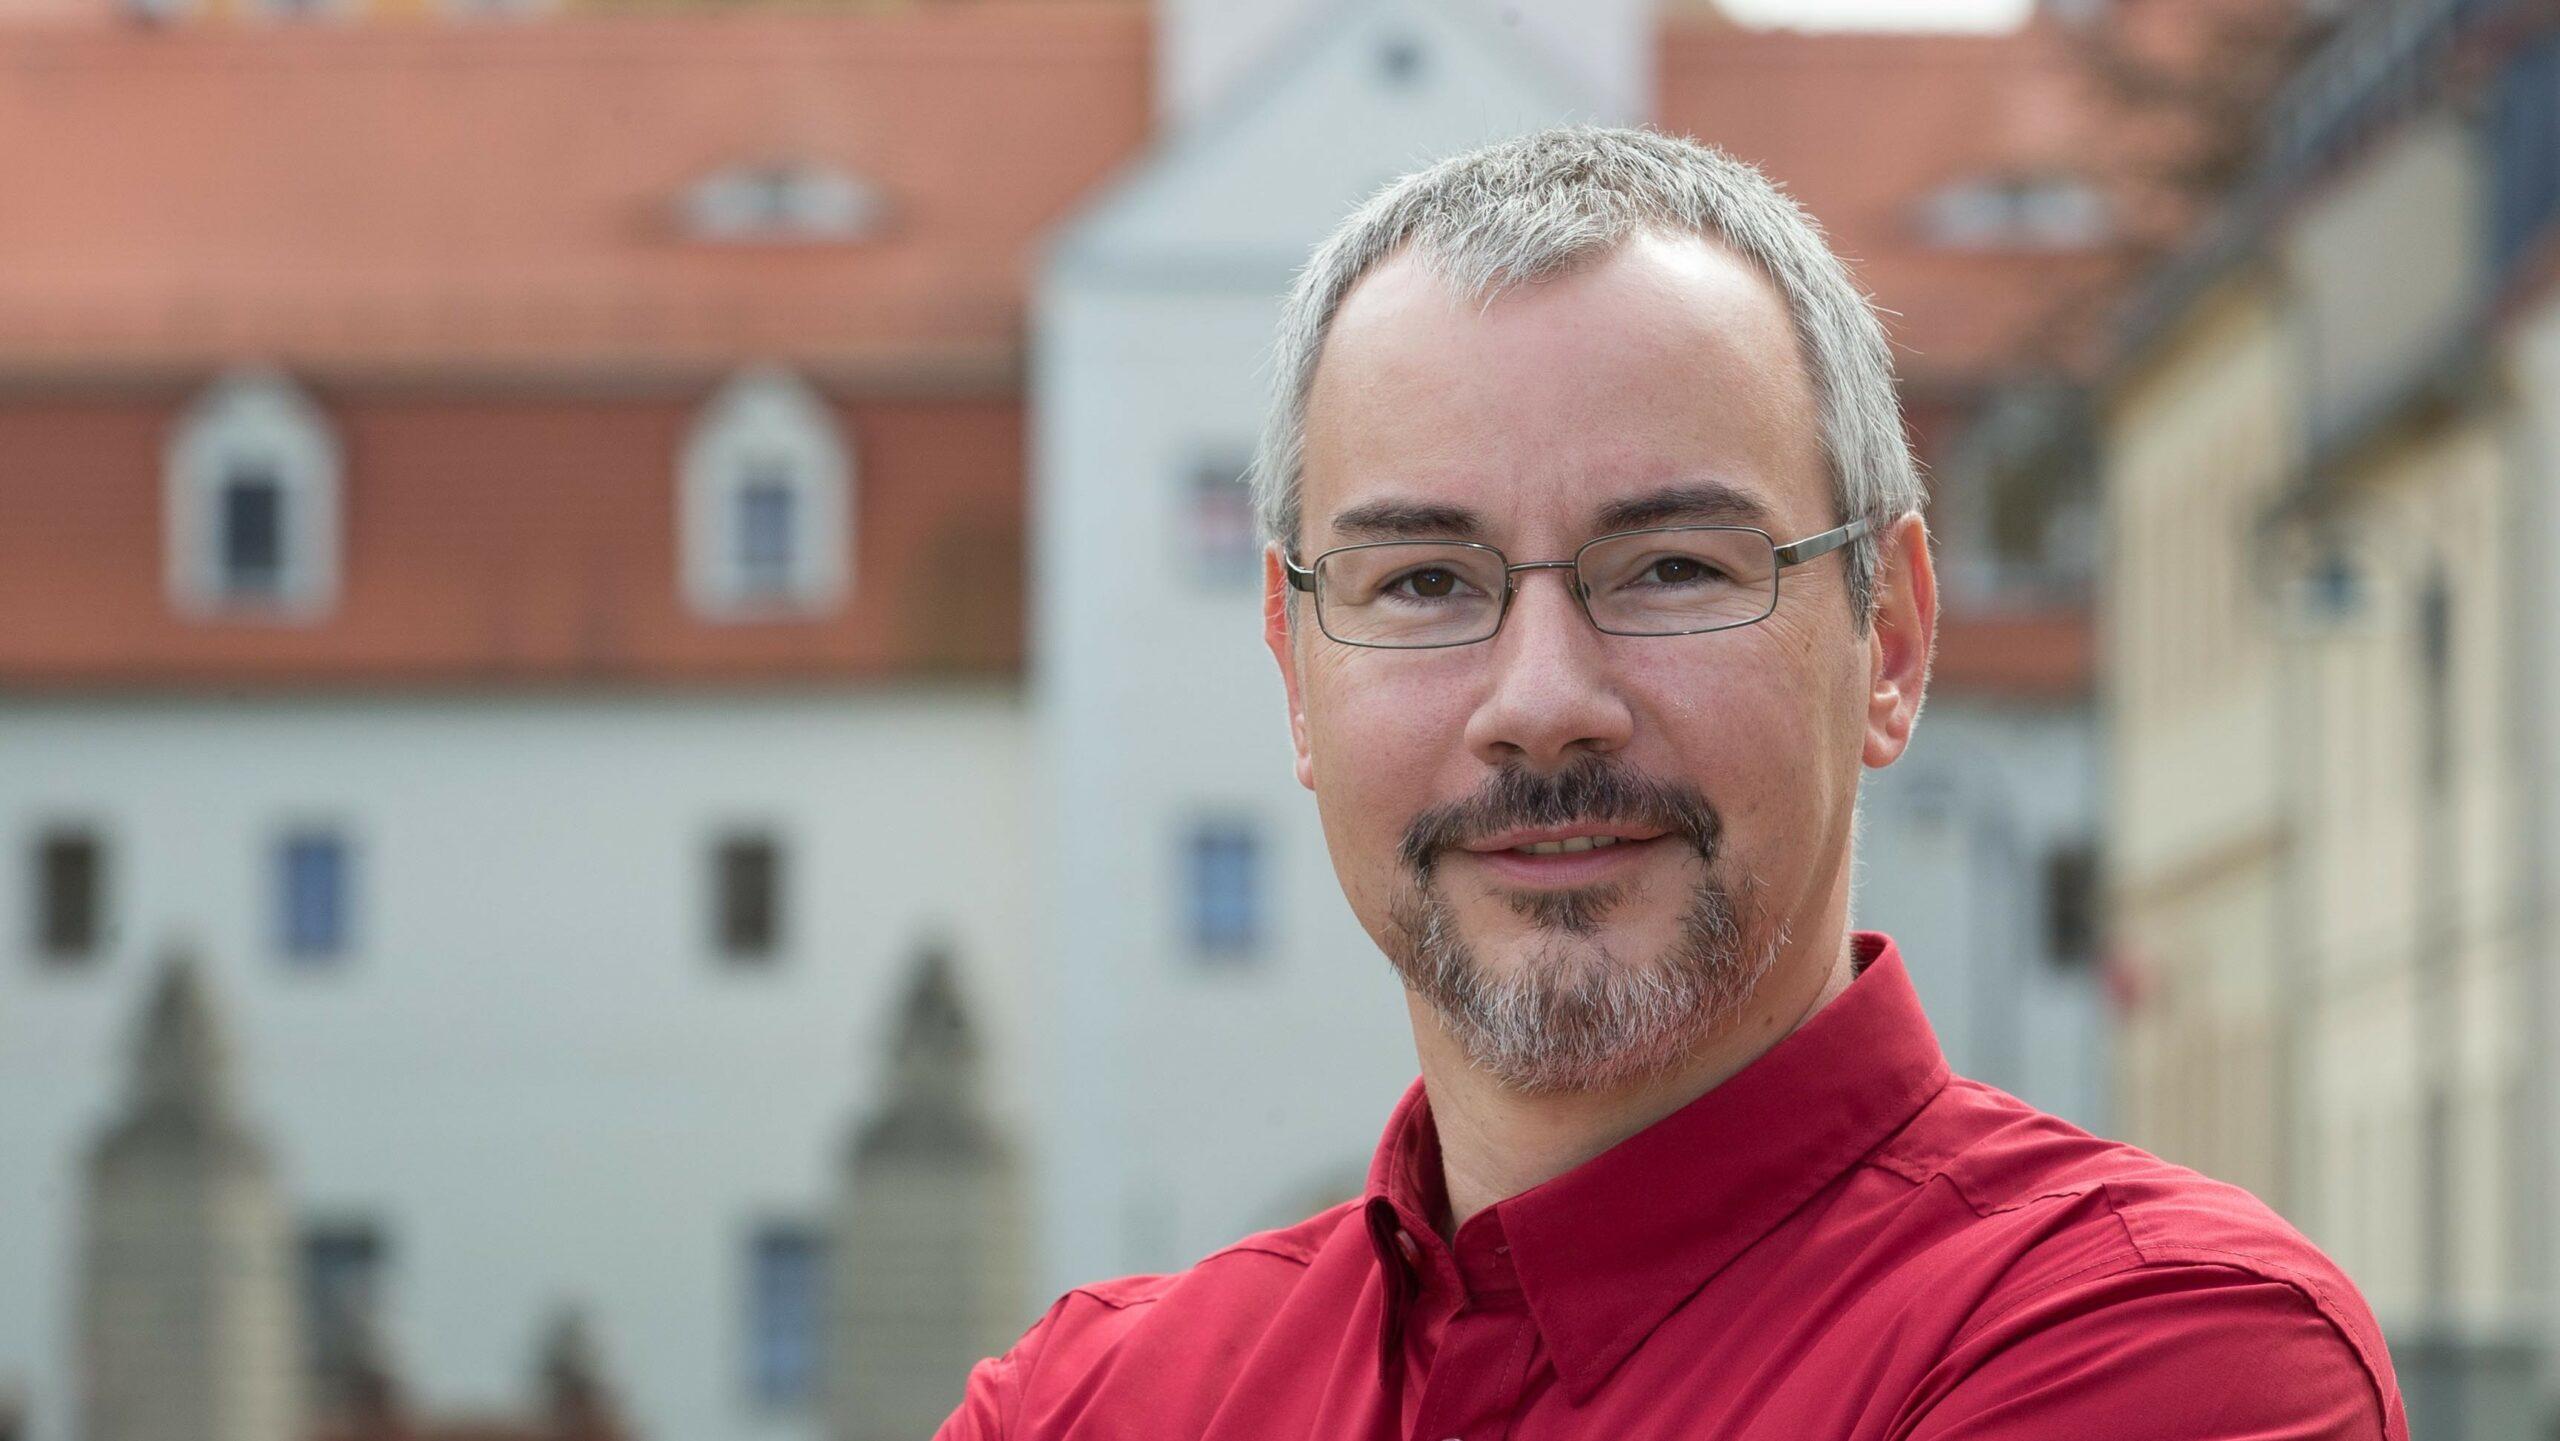 Bürgermeisterkandidat Stefan Schmidt